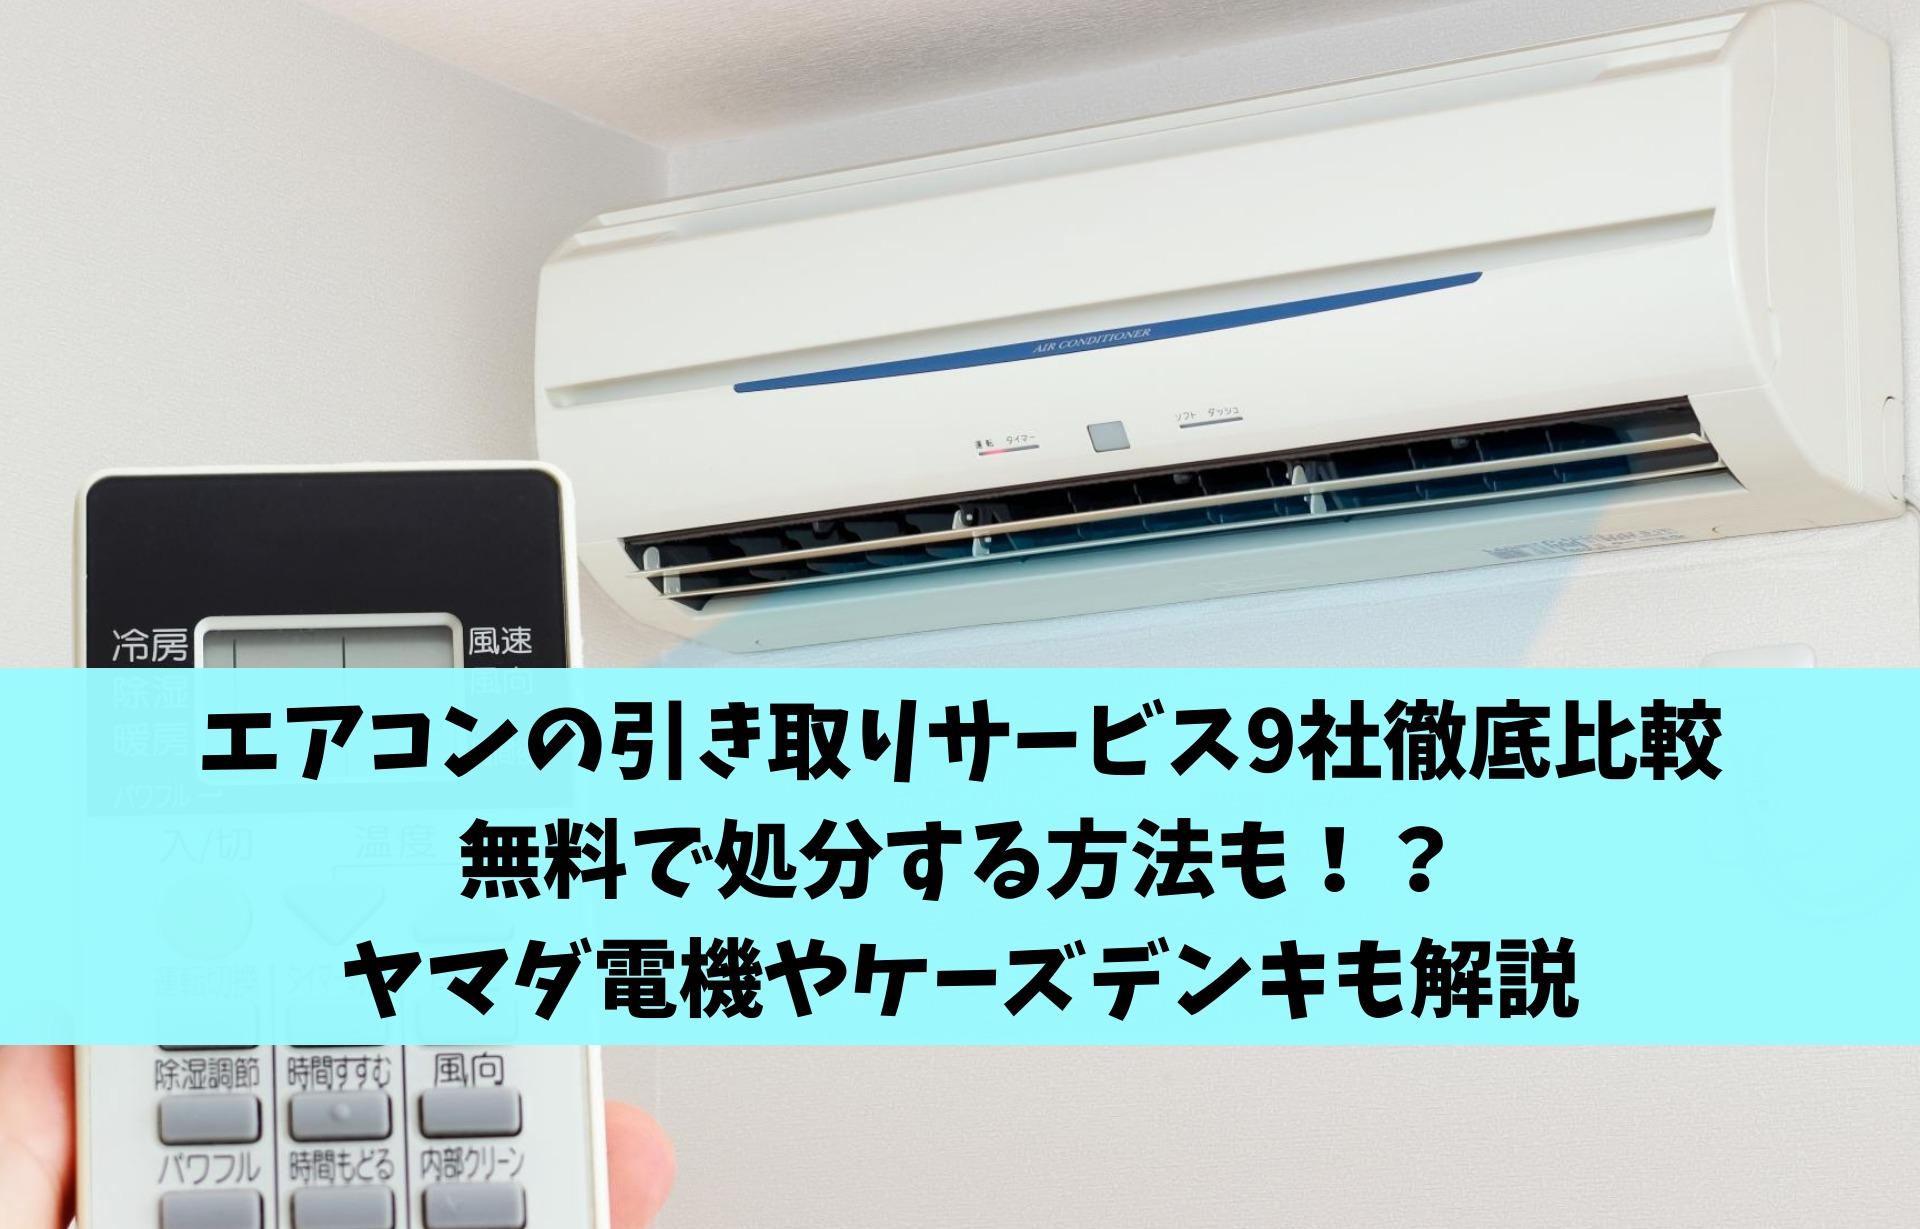 下取り エアコン ヤマダ 電機